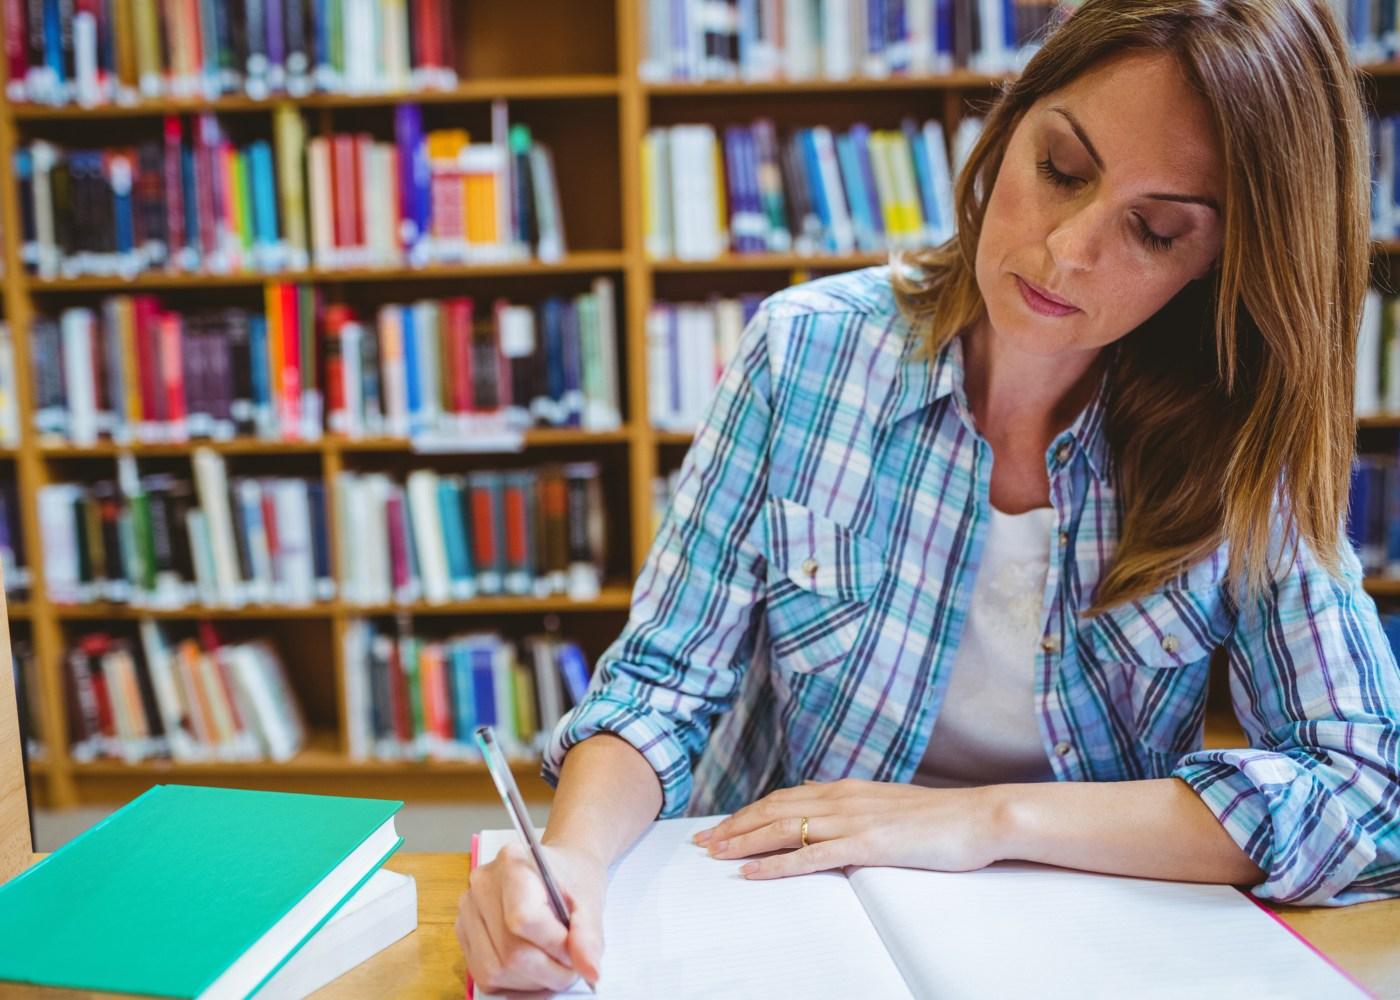 Estatuto trabalhador estudante: conheça os direitos e deveres